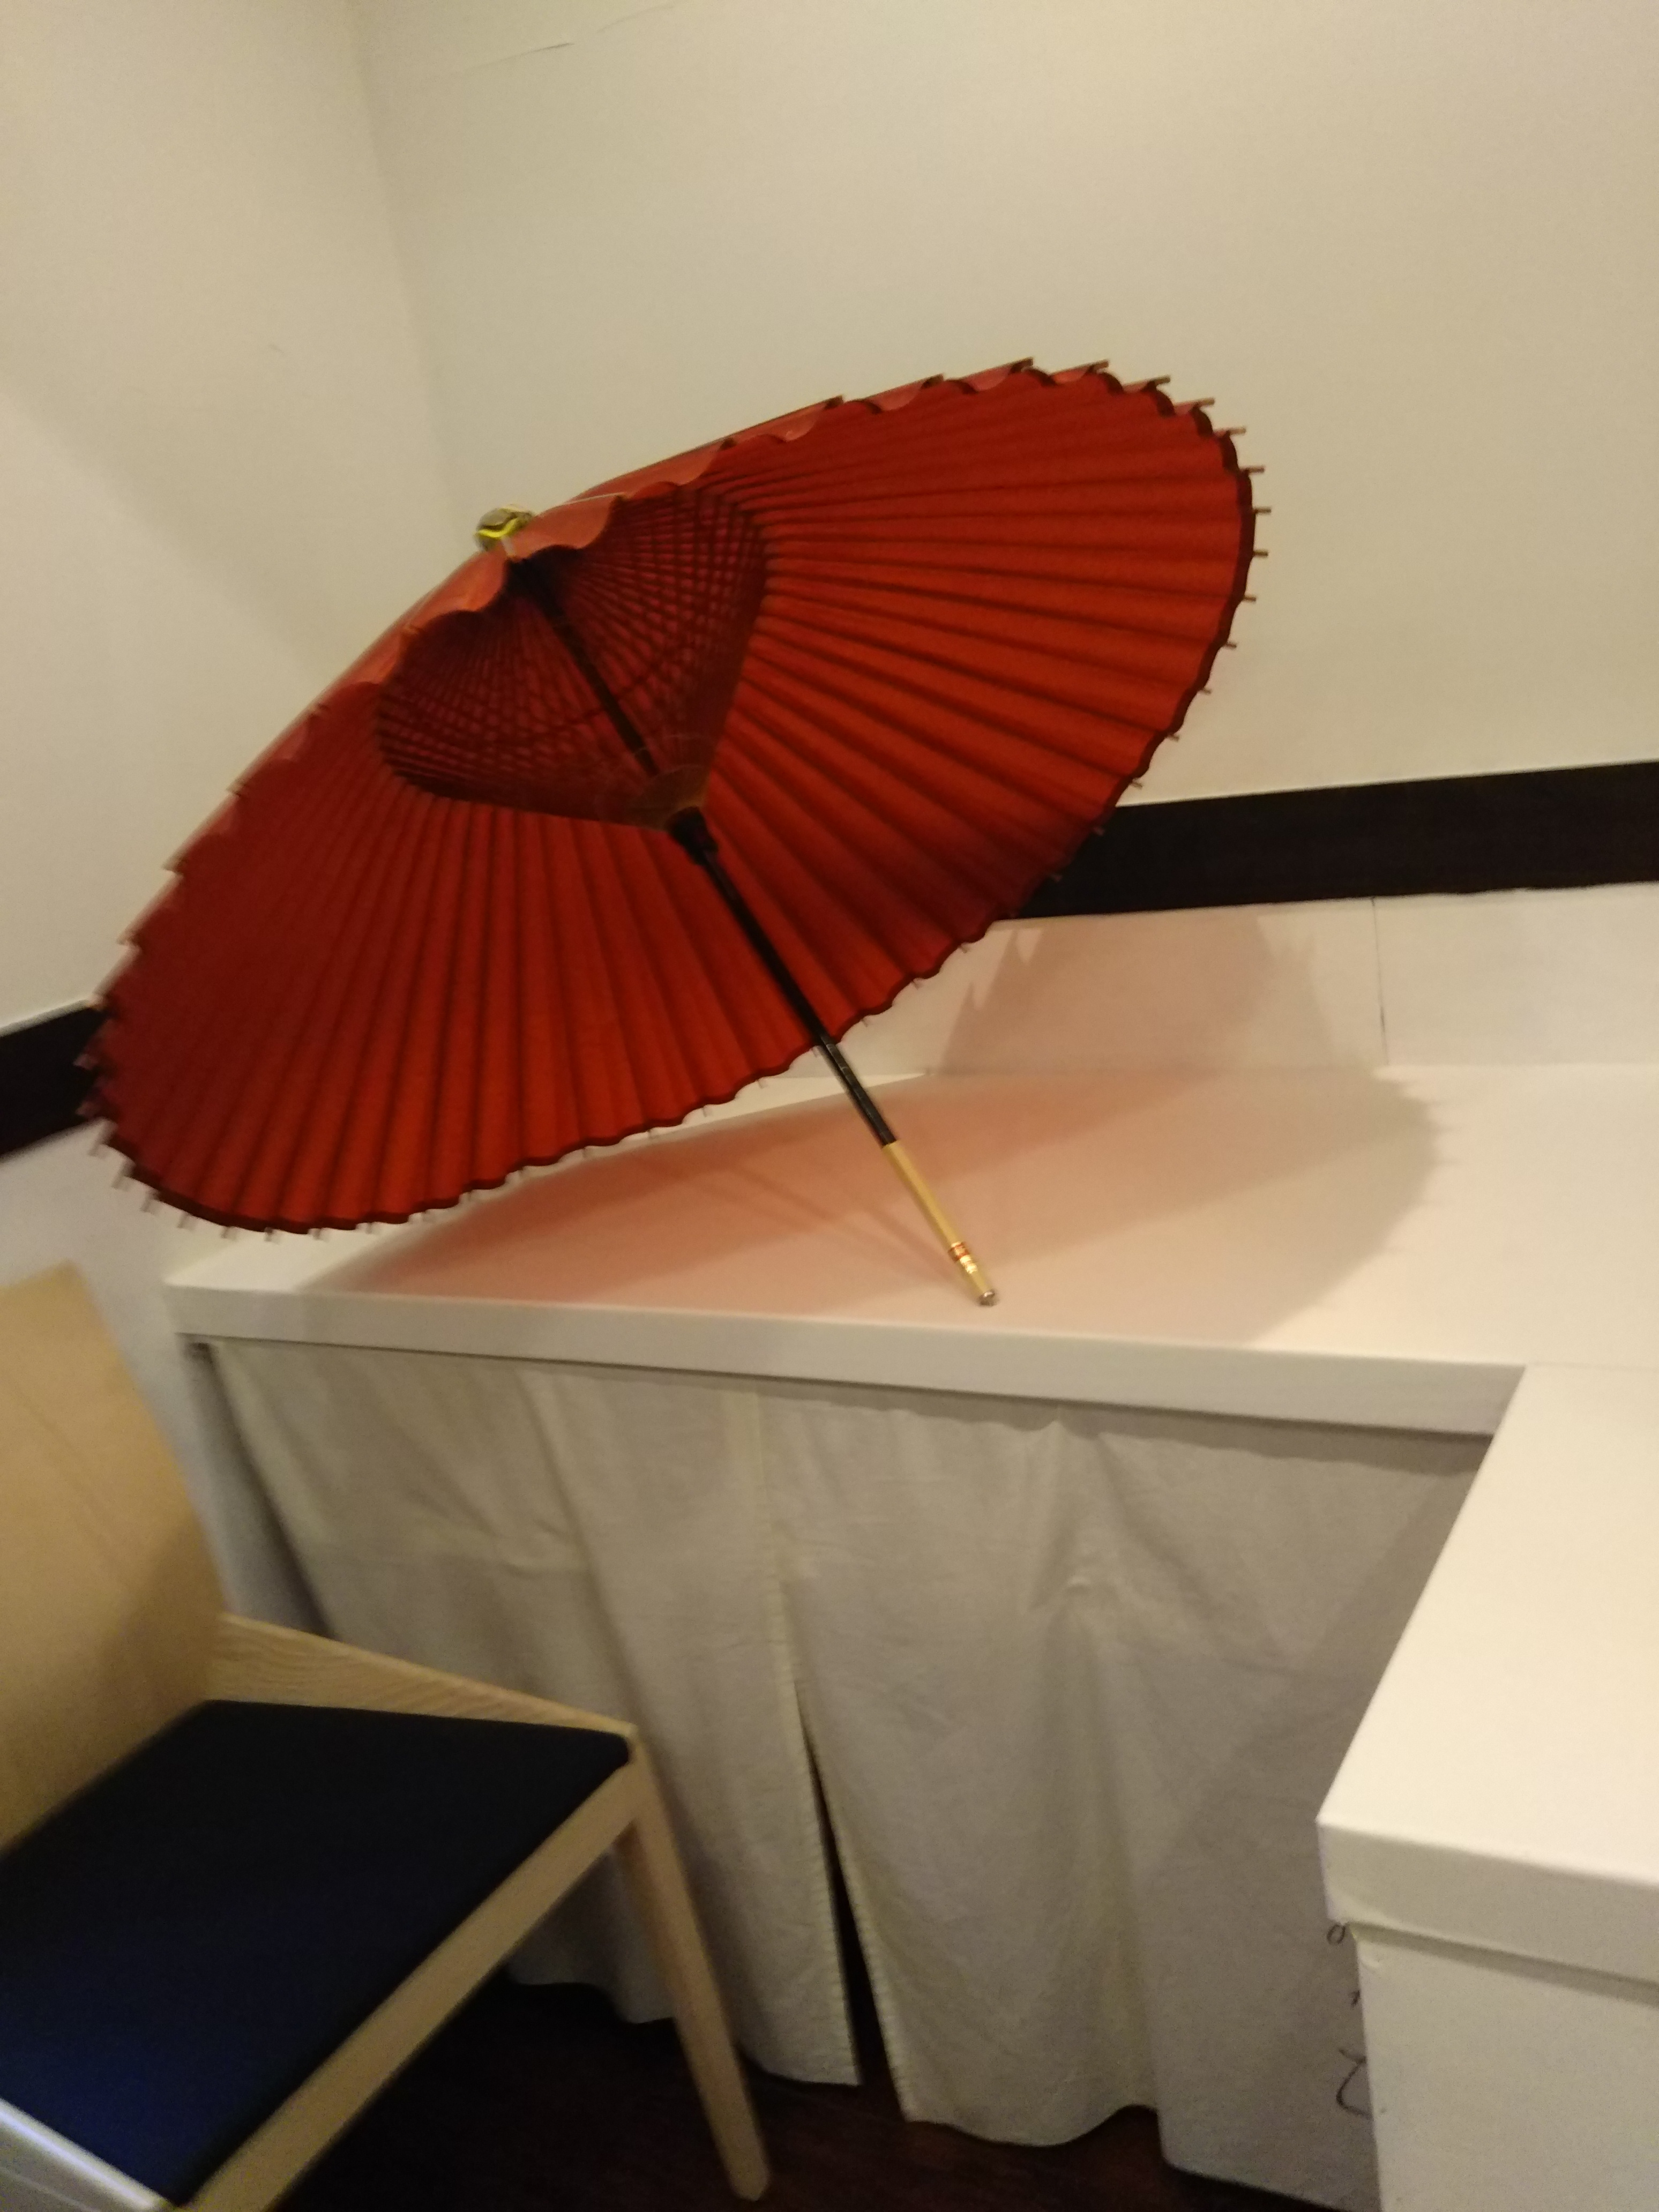 人妻さん日誌:部屋に<br /> 傘を飾るだけ